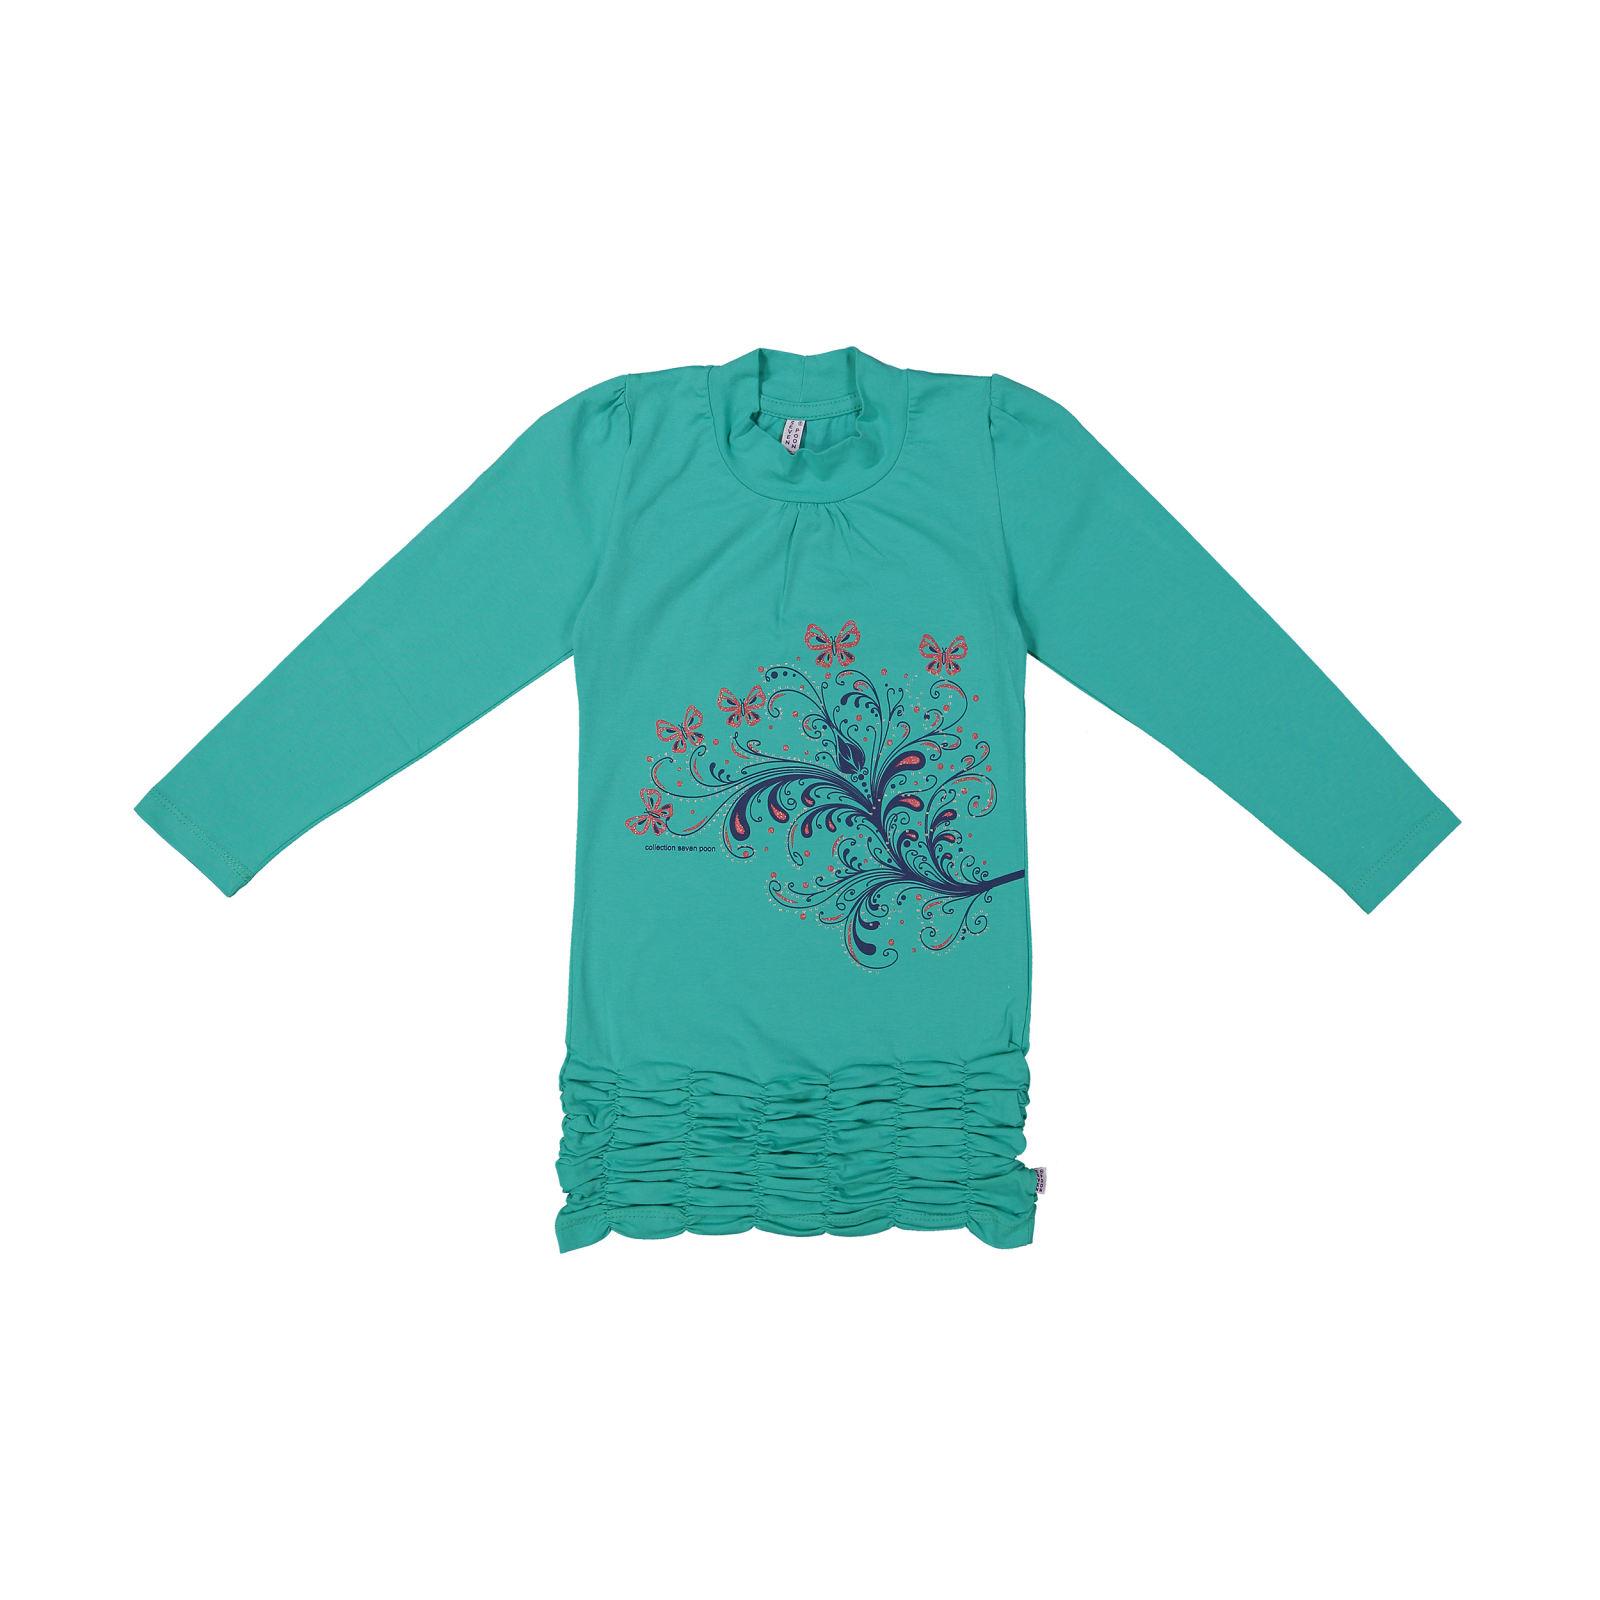 تی شرت دخترانه سون پون مدل 1391361-52 -  - 2